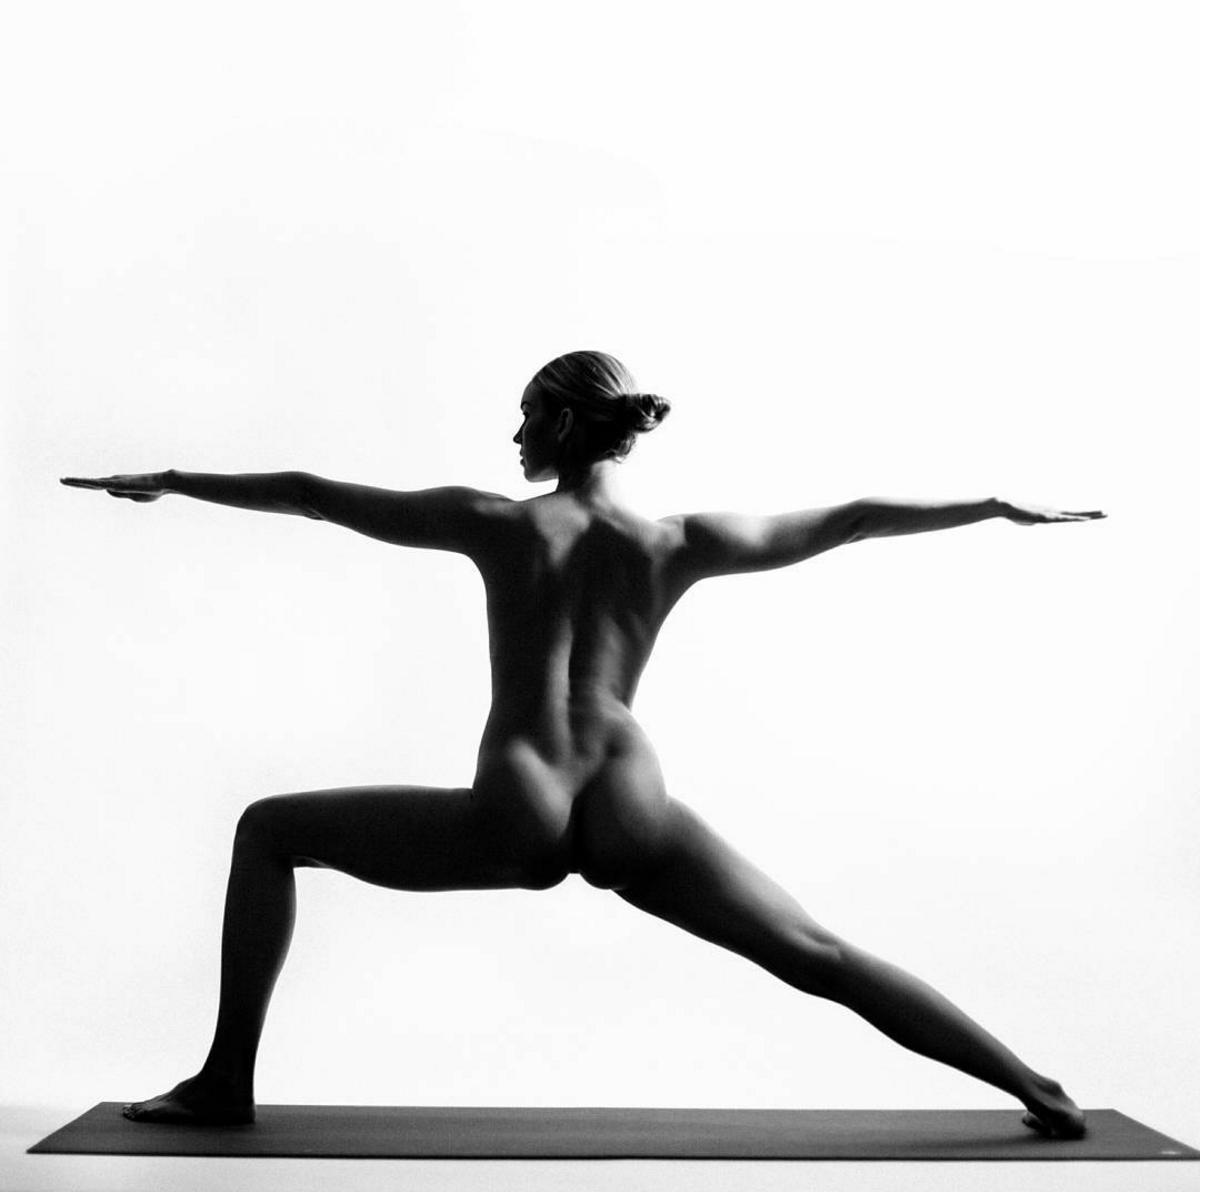 Nude Yoga Girl5